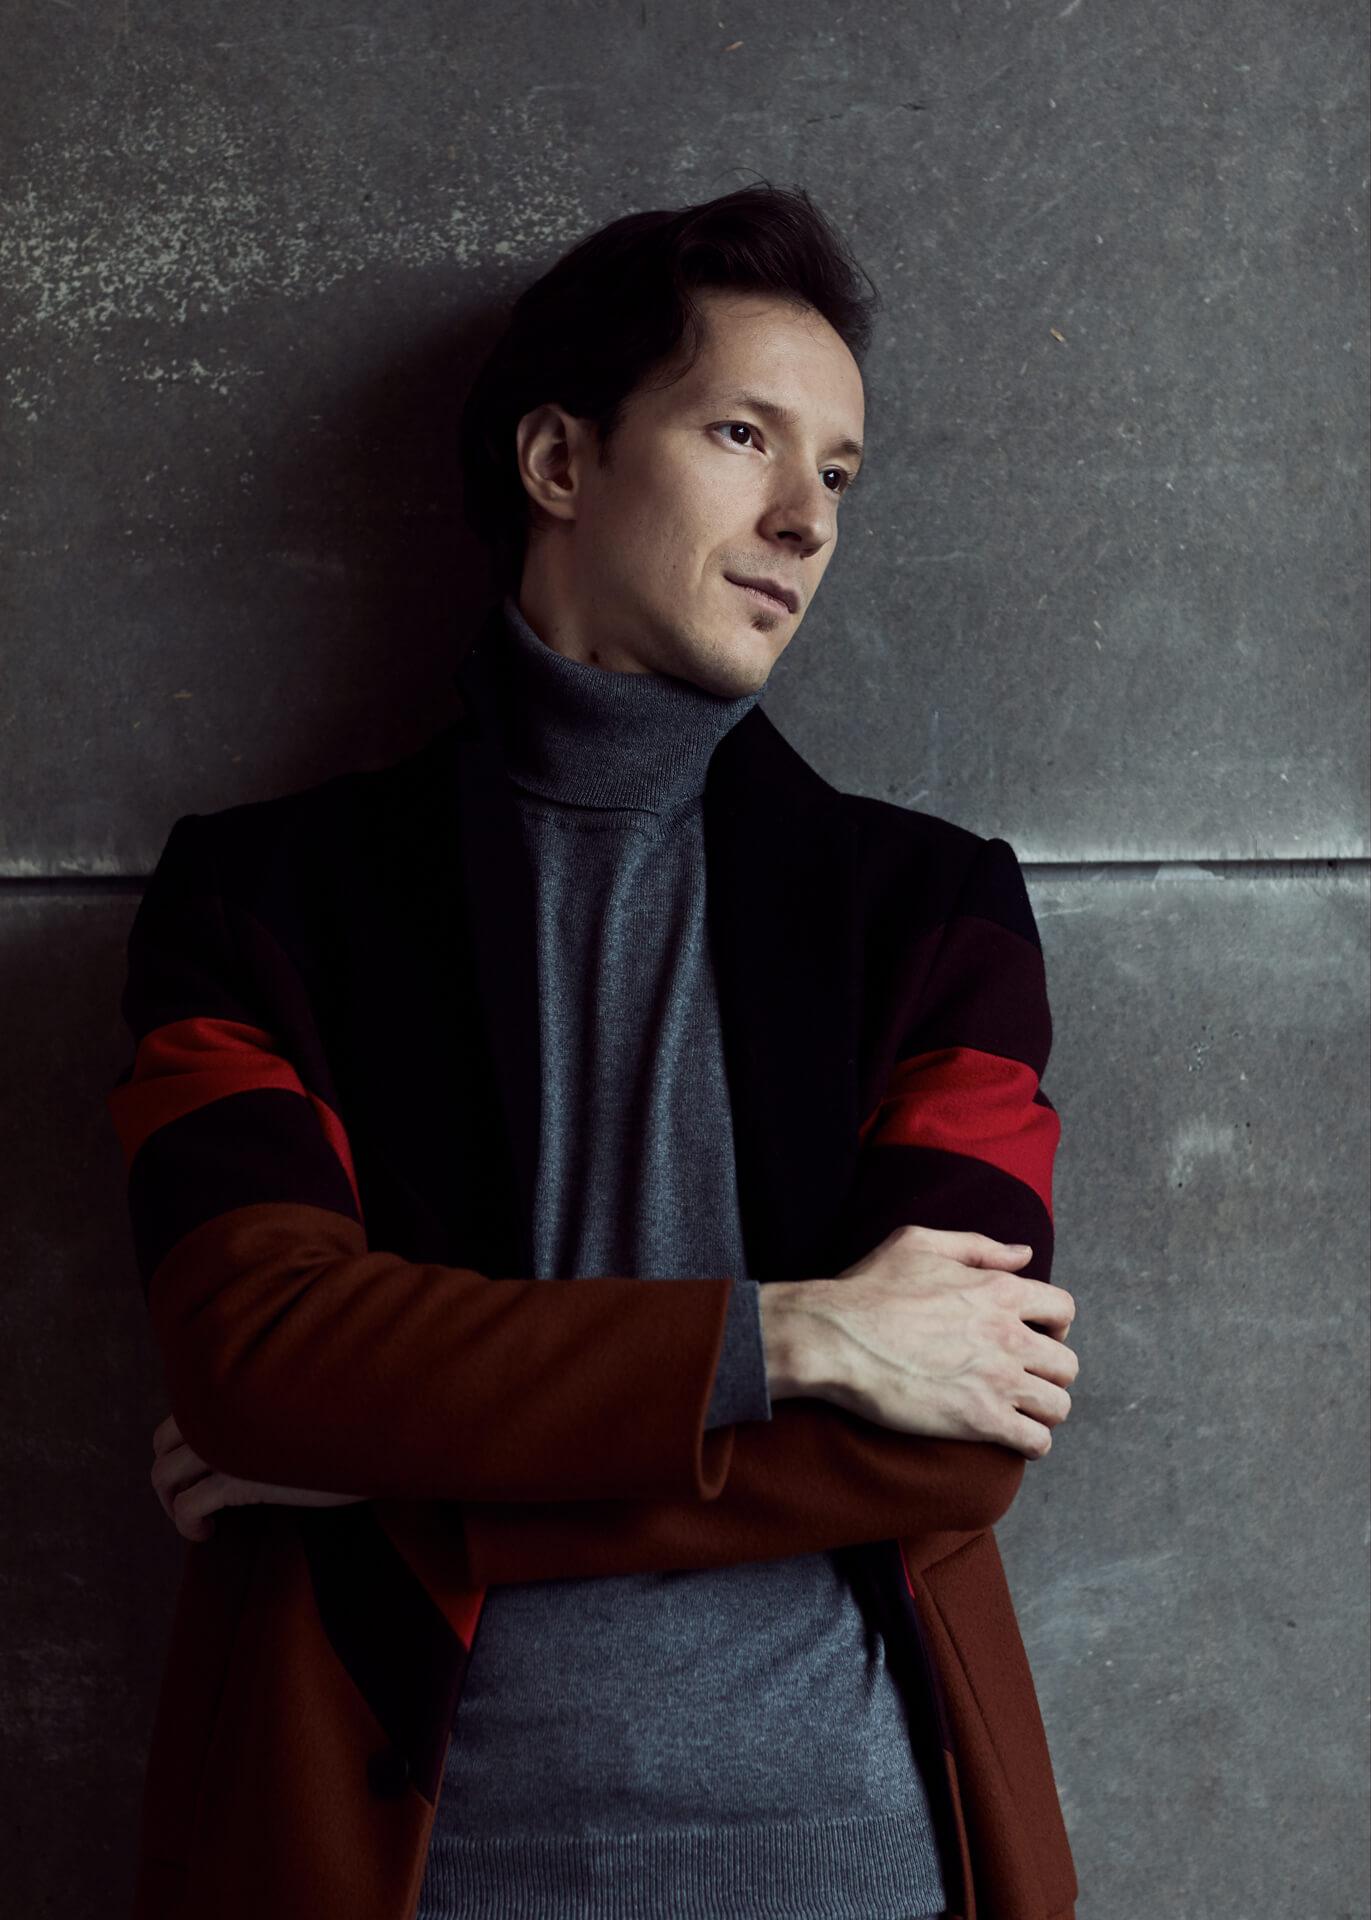 Portrætfoto af mand